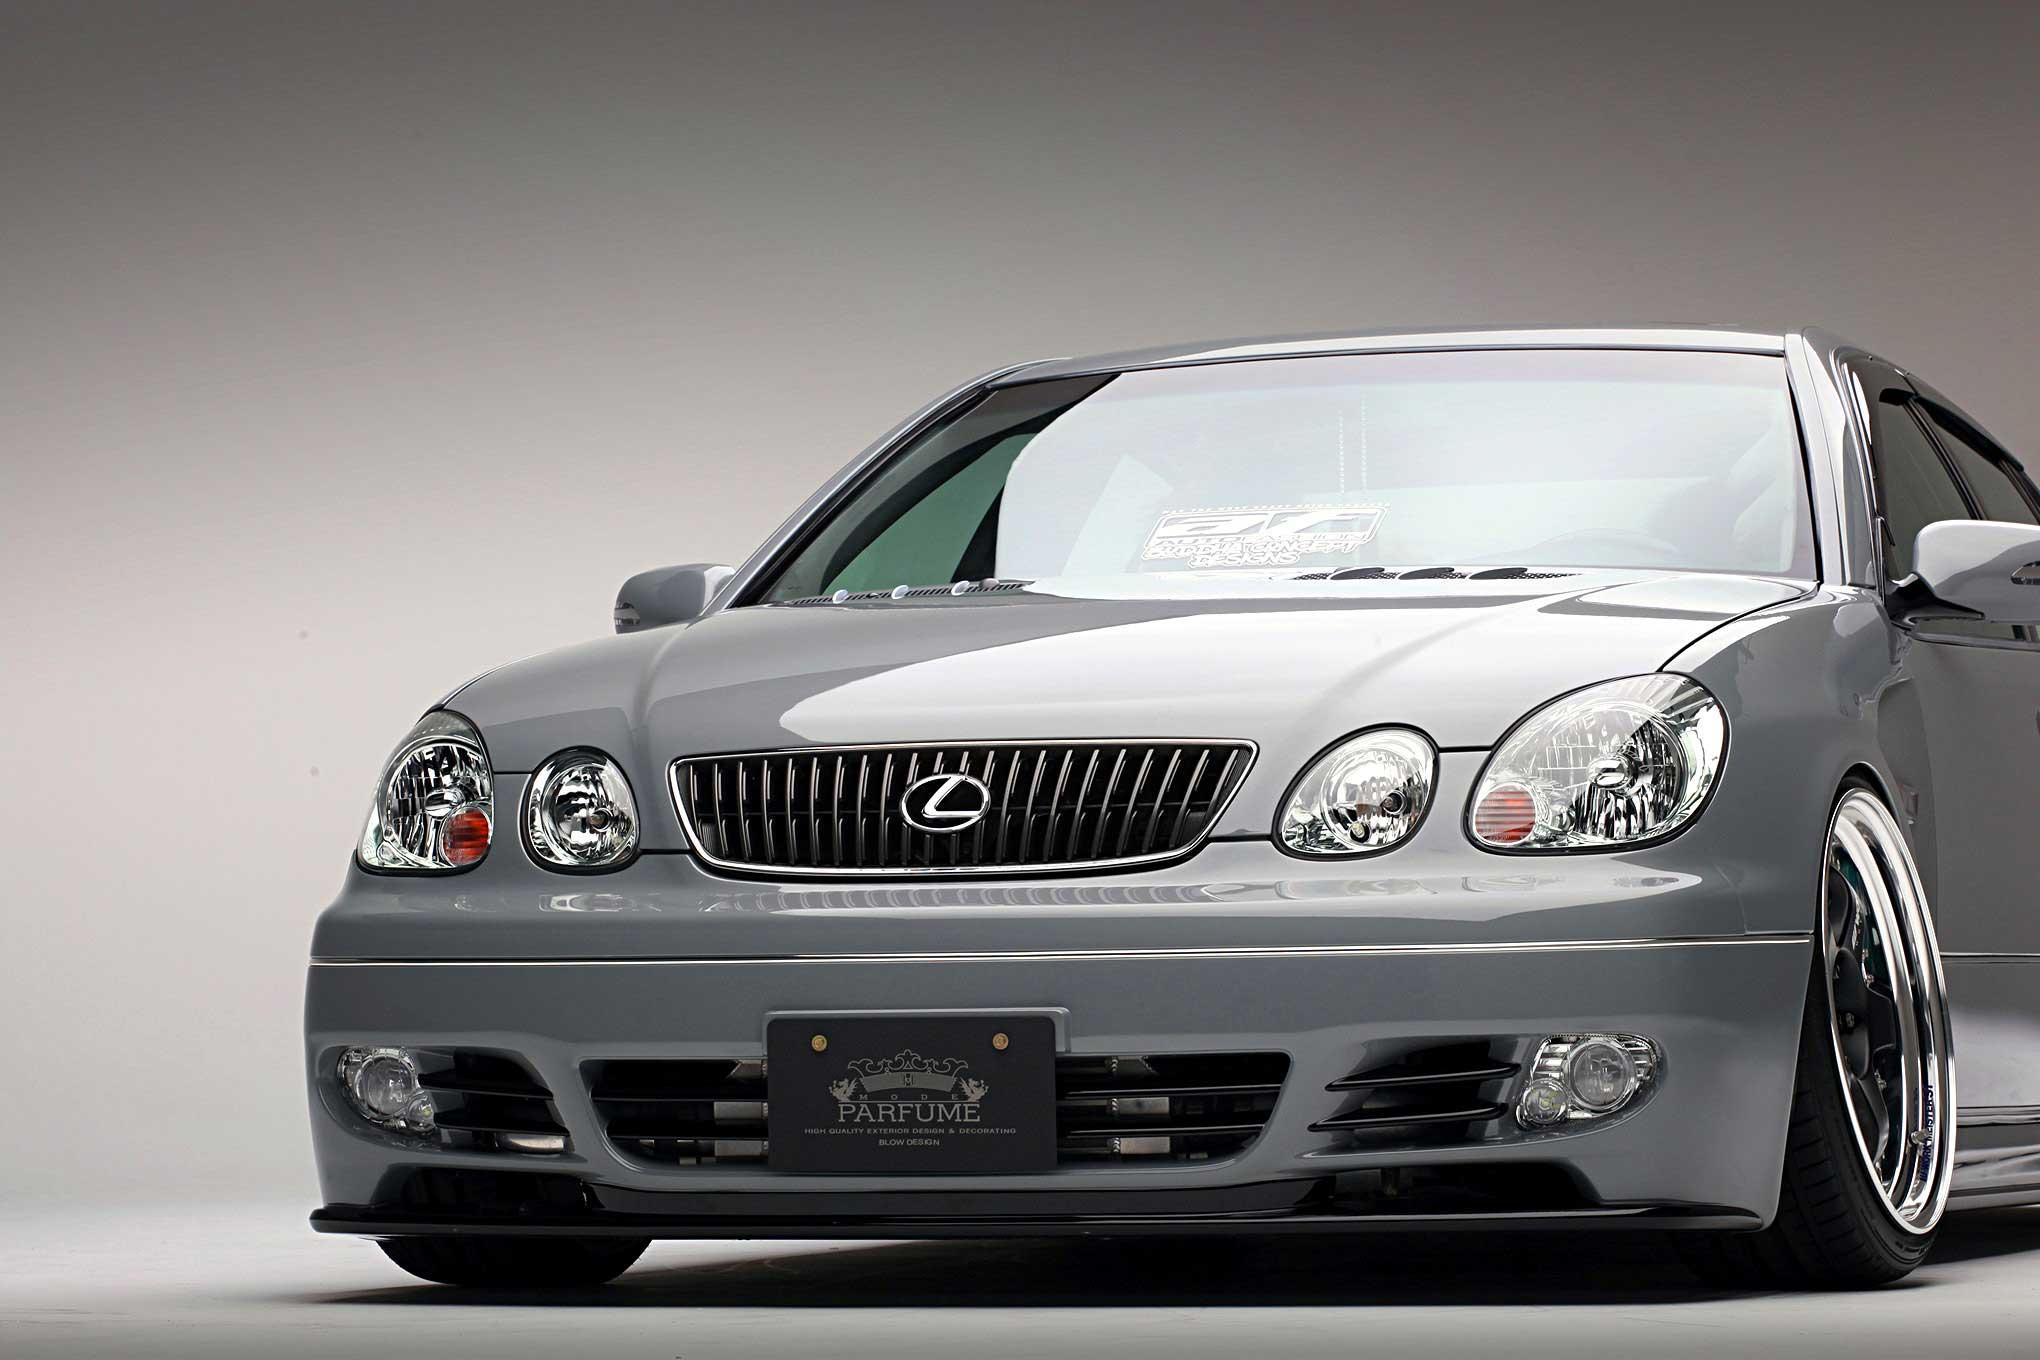 hight resolution of 1999 lexus gs300 mode parfume front bumper